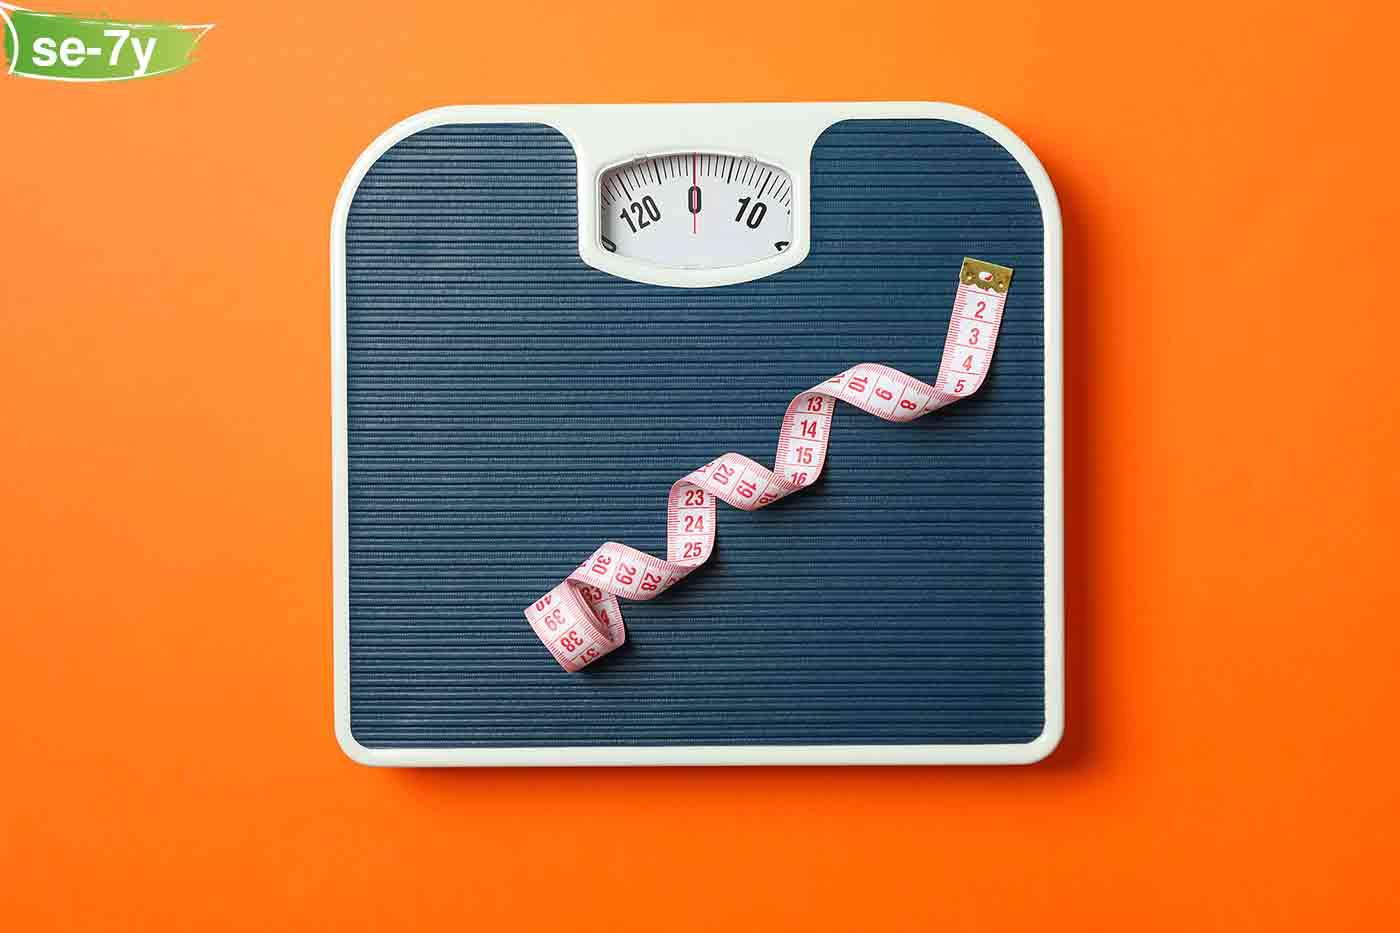 فوائد الثوم والعسل للتخسيس وإنقاص الوزن